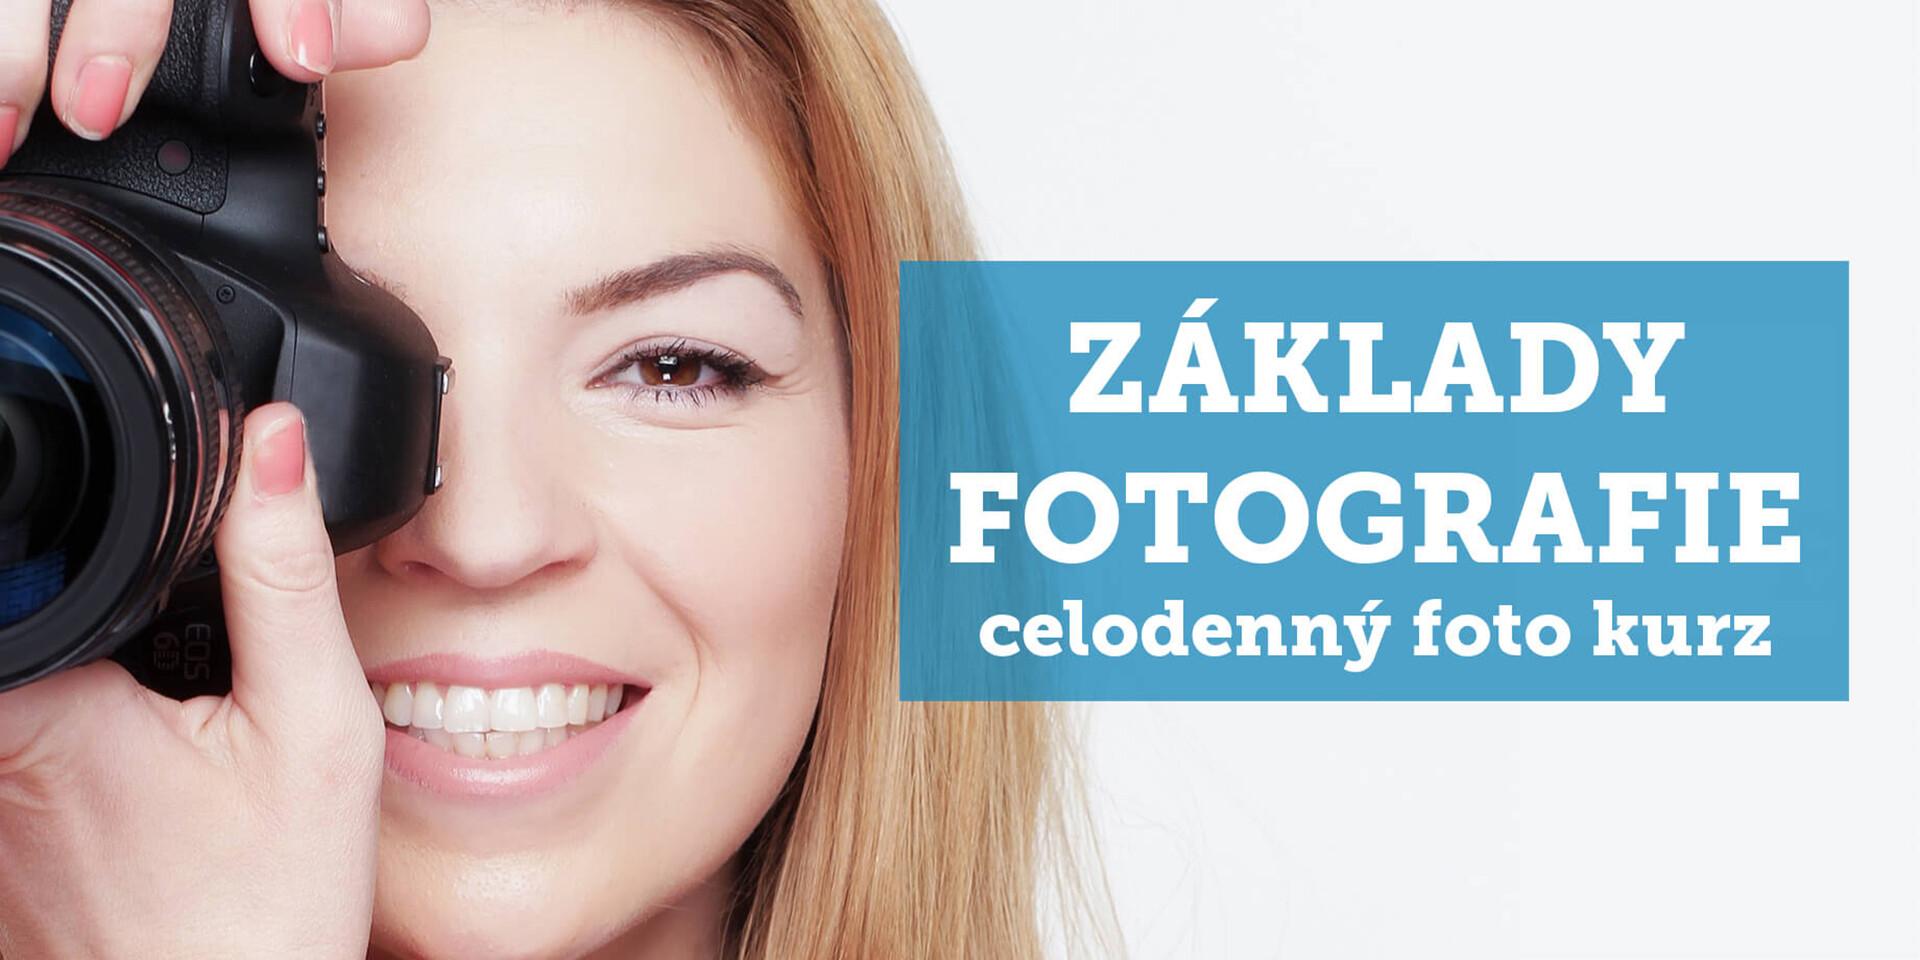 Celodenný kurz fotografie pre začiatočníkov od Photo Studio Zweng